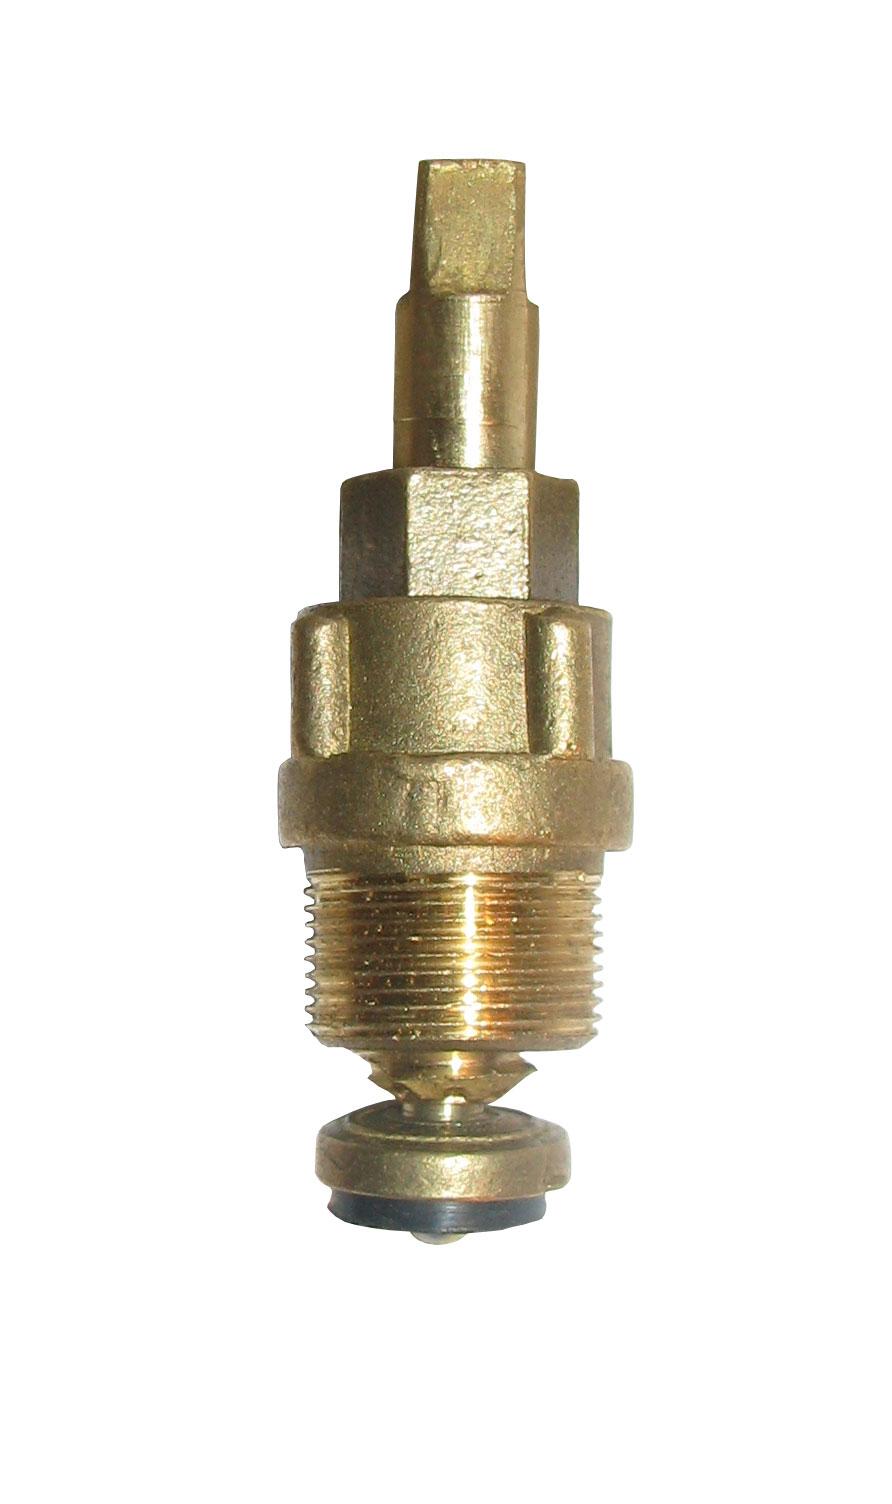 Головка вентильная для смесителя с беконитовым уплотнением  М18х1